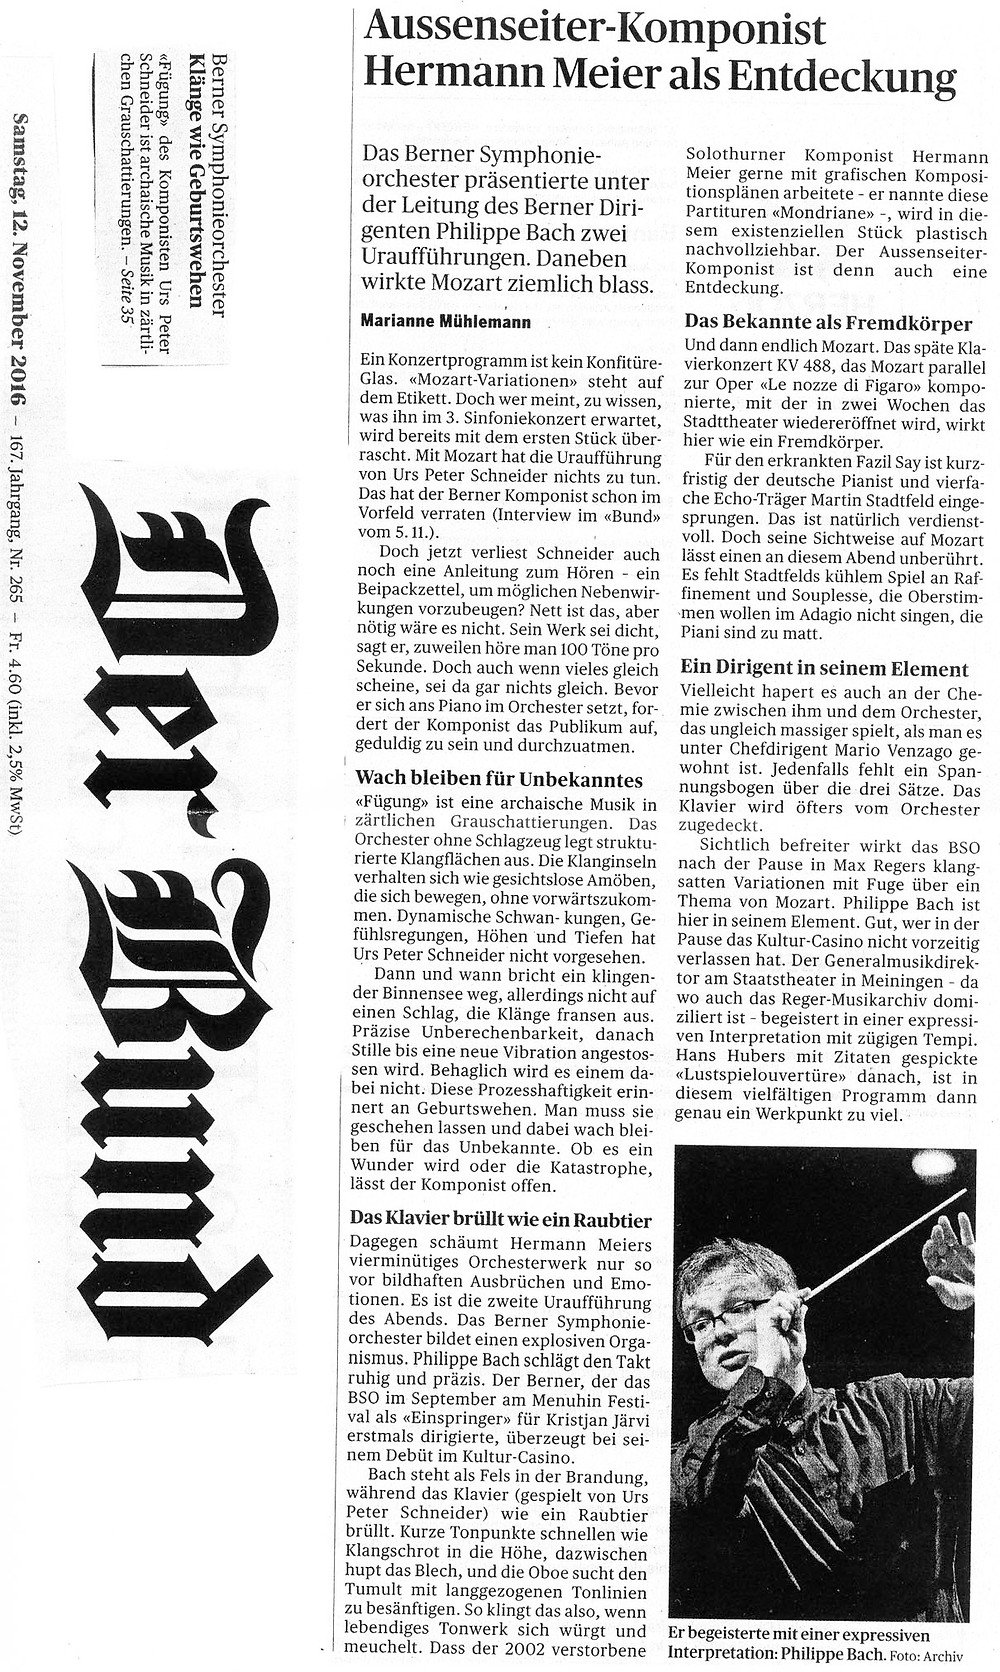 Aussenseiter-Komponist Hermann Meier als Entdeckung, gespielt vom Berner Symphonieorchester, Leitung Philippe Bach